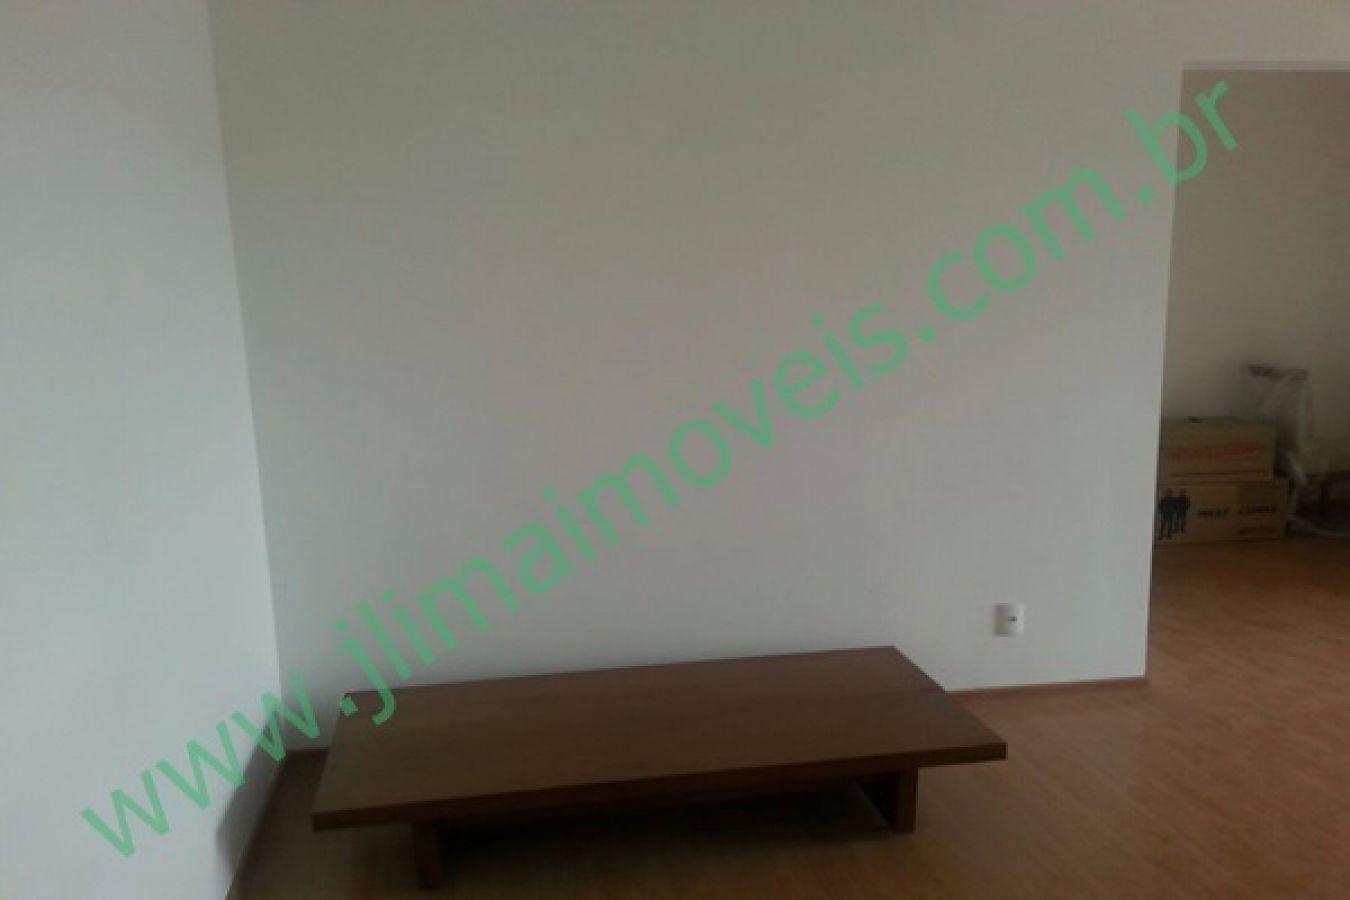 Venda                                                            - Apartamento                                                            - Vila Brasil                                                                - Santa Bárbara D'Oeste                                                                /SP